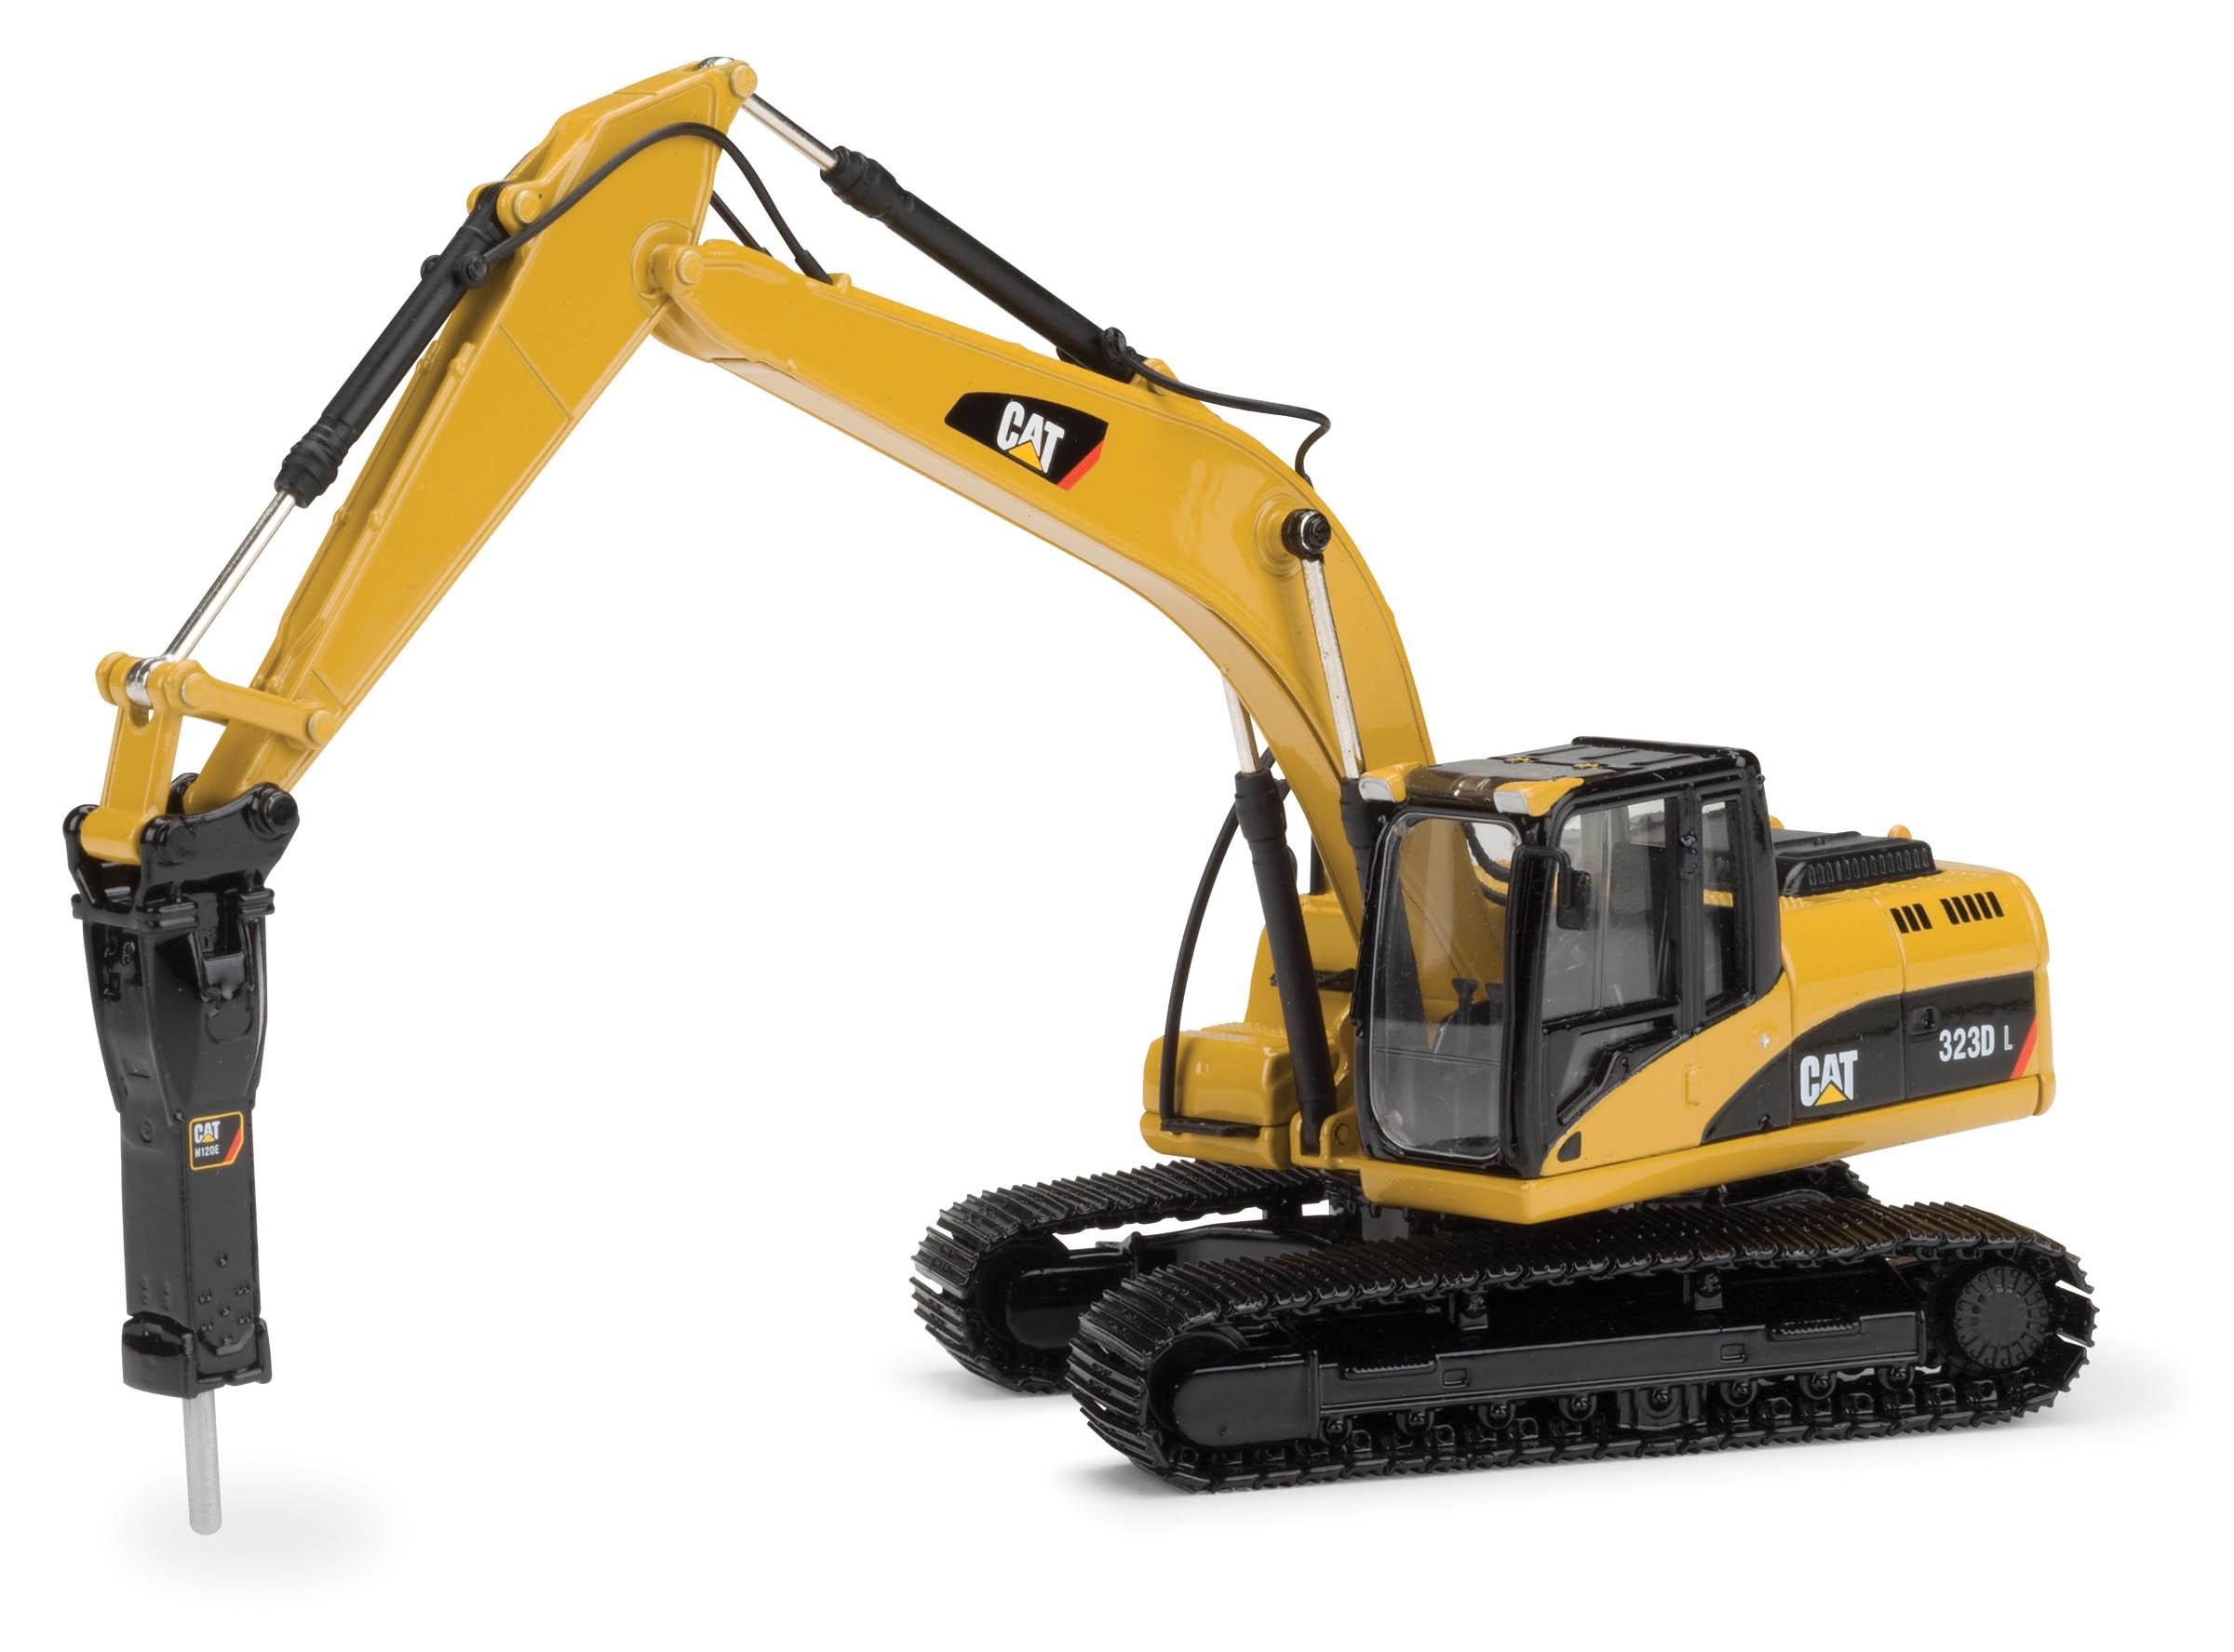 spiel modellkist 39 l shop cat bagger 323d mit cat hammer h120e online kaufen. Black Bedroom Furniture Sets. Home Design Ideas